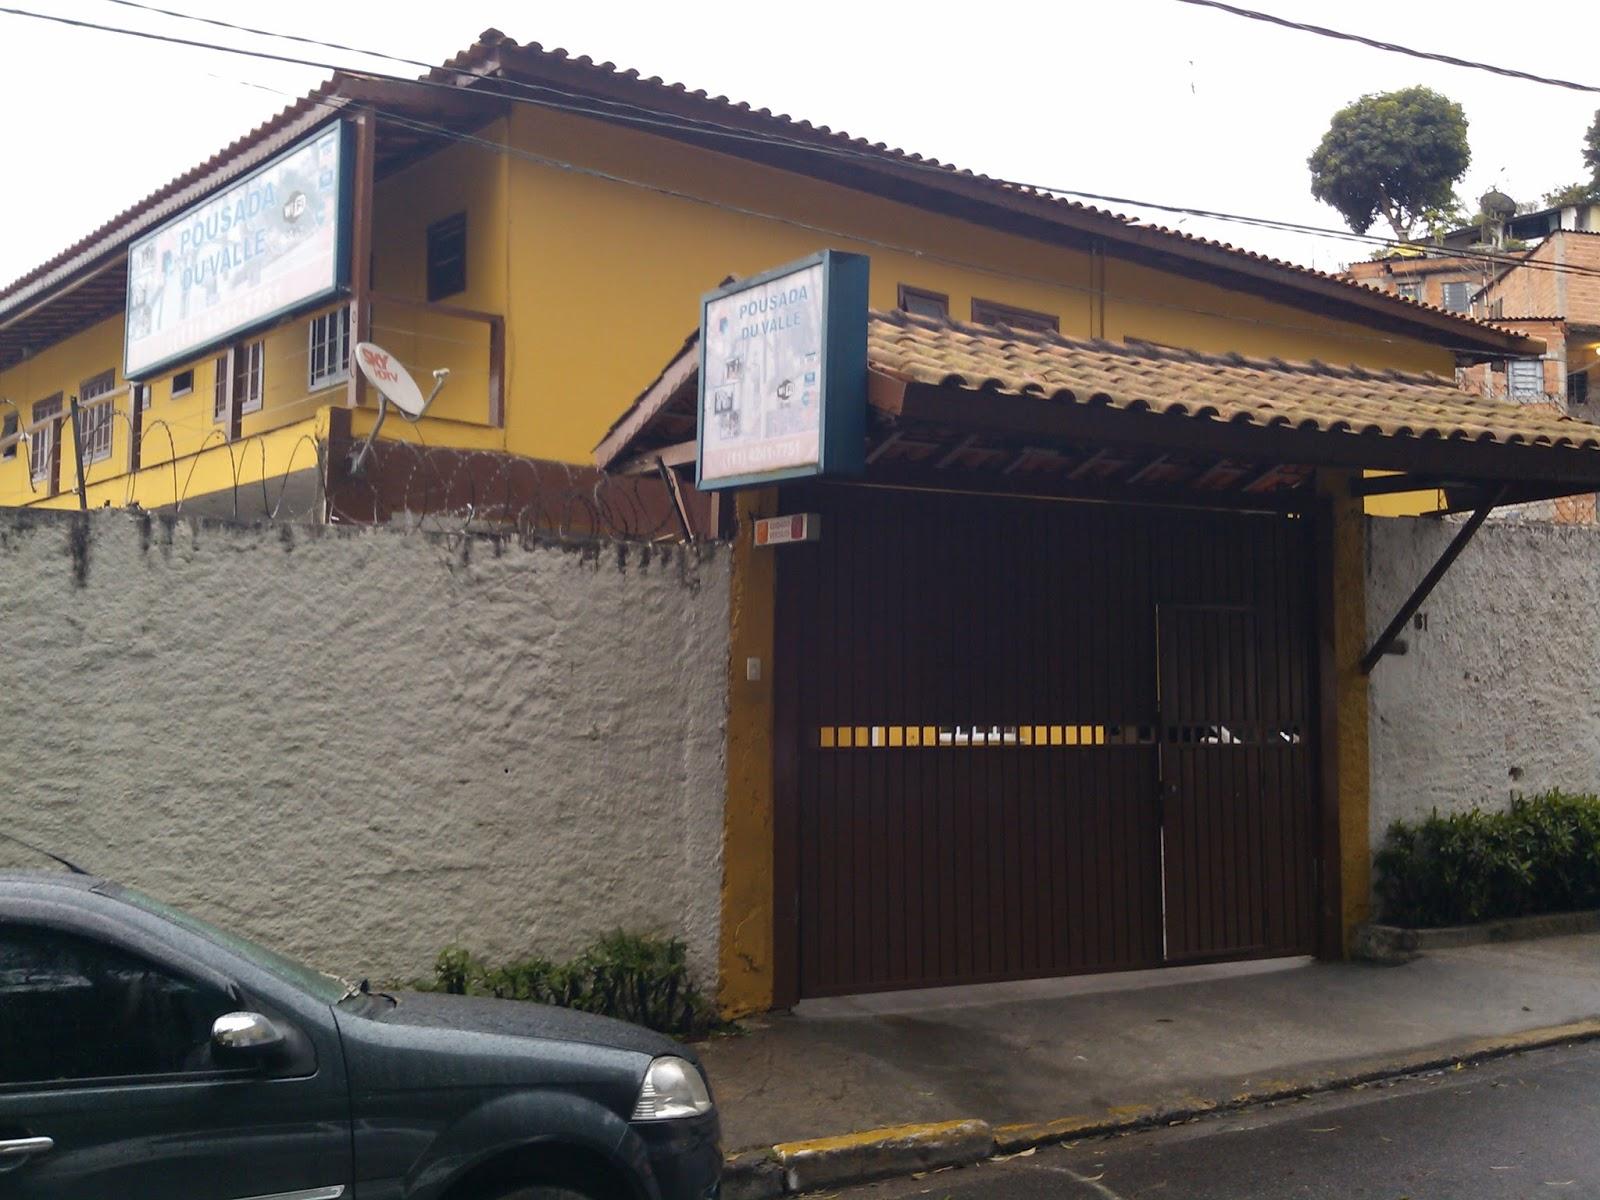 Pousada Du Valle Embu das Artes: Pousada Du Valle #A37A28 1600x1200